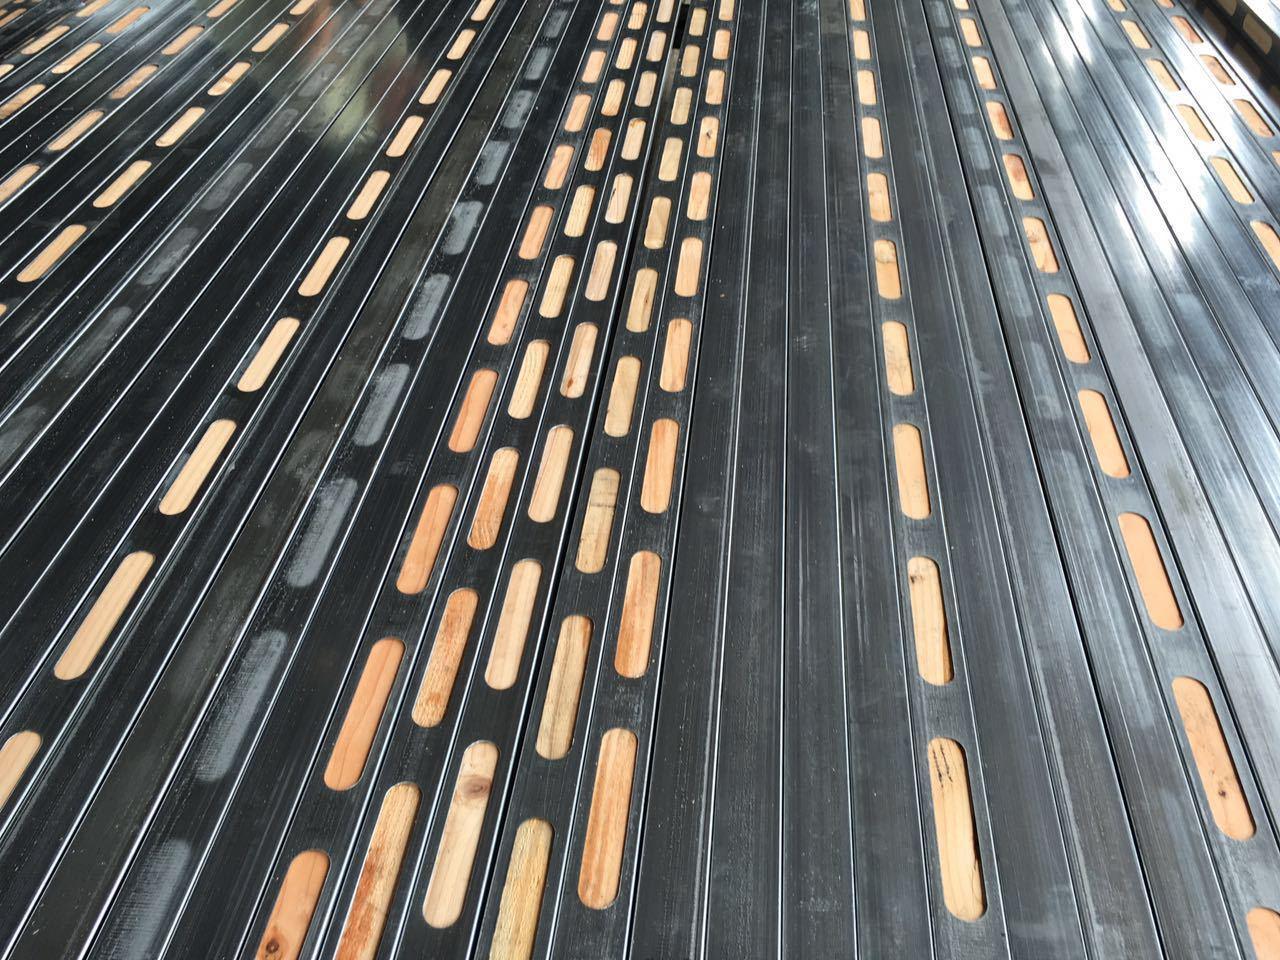 鋼木龍骨 規格齊全 大量供應 歡迎訂購